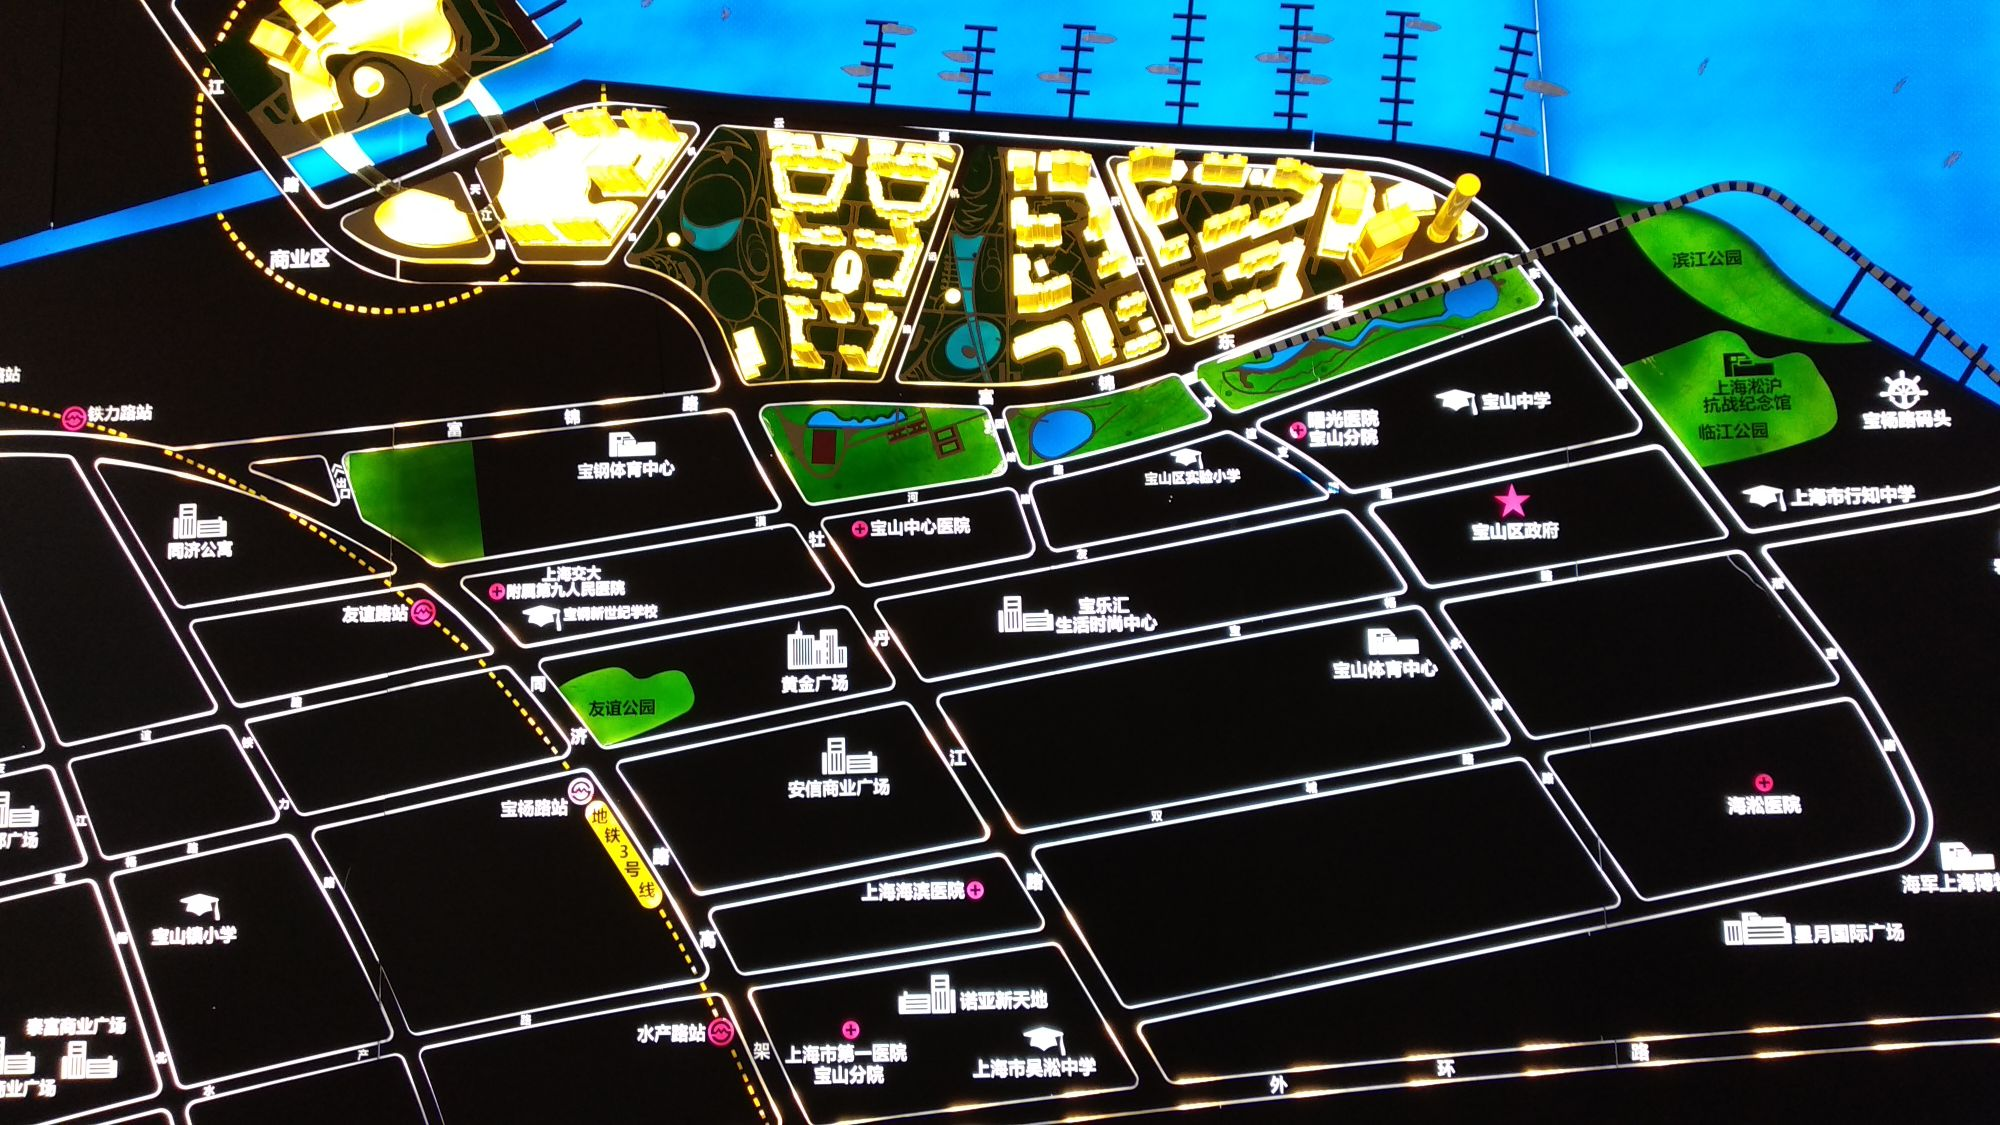 上海长滩视频封面图